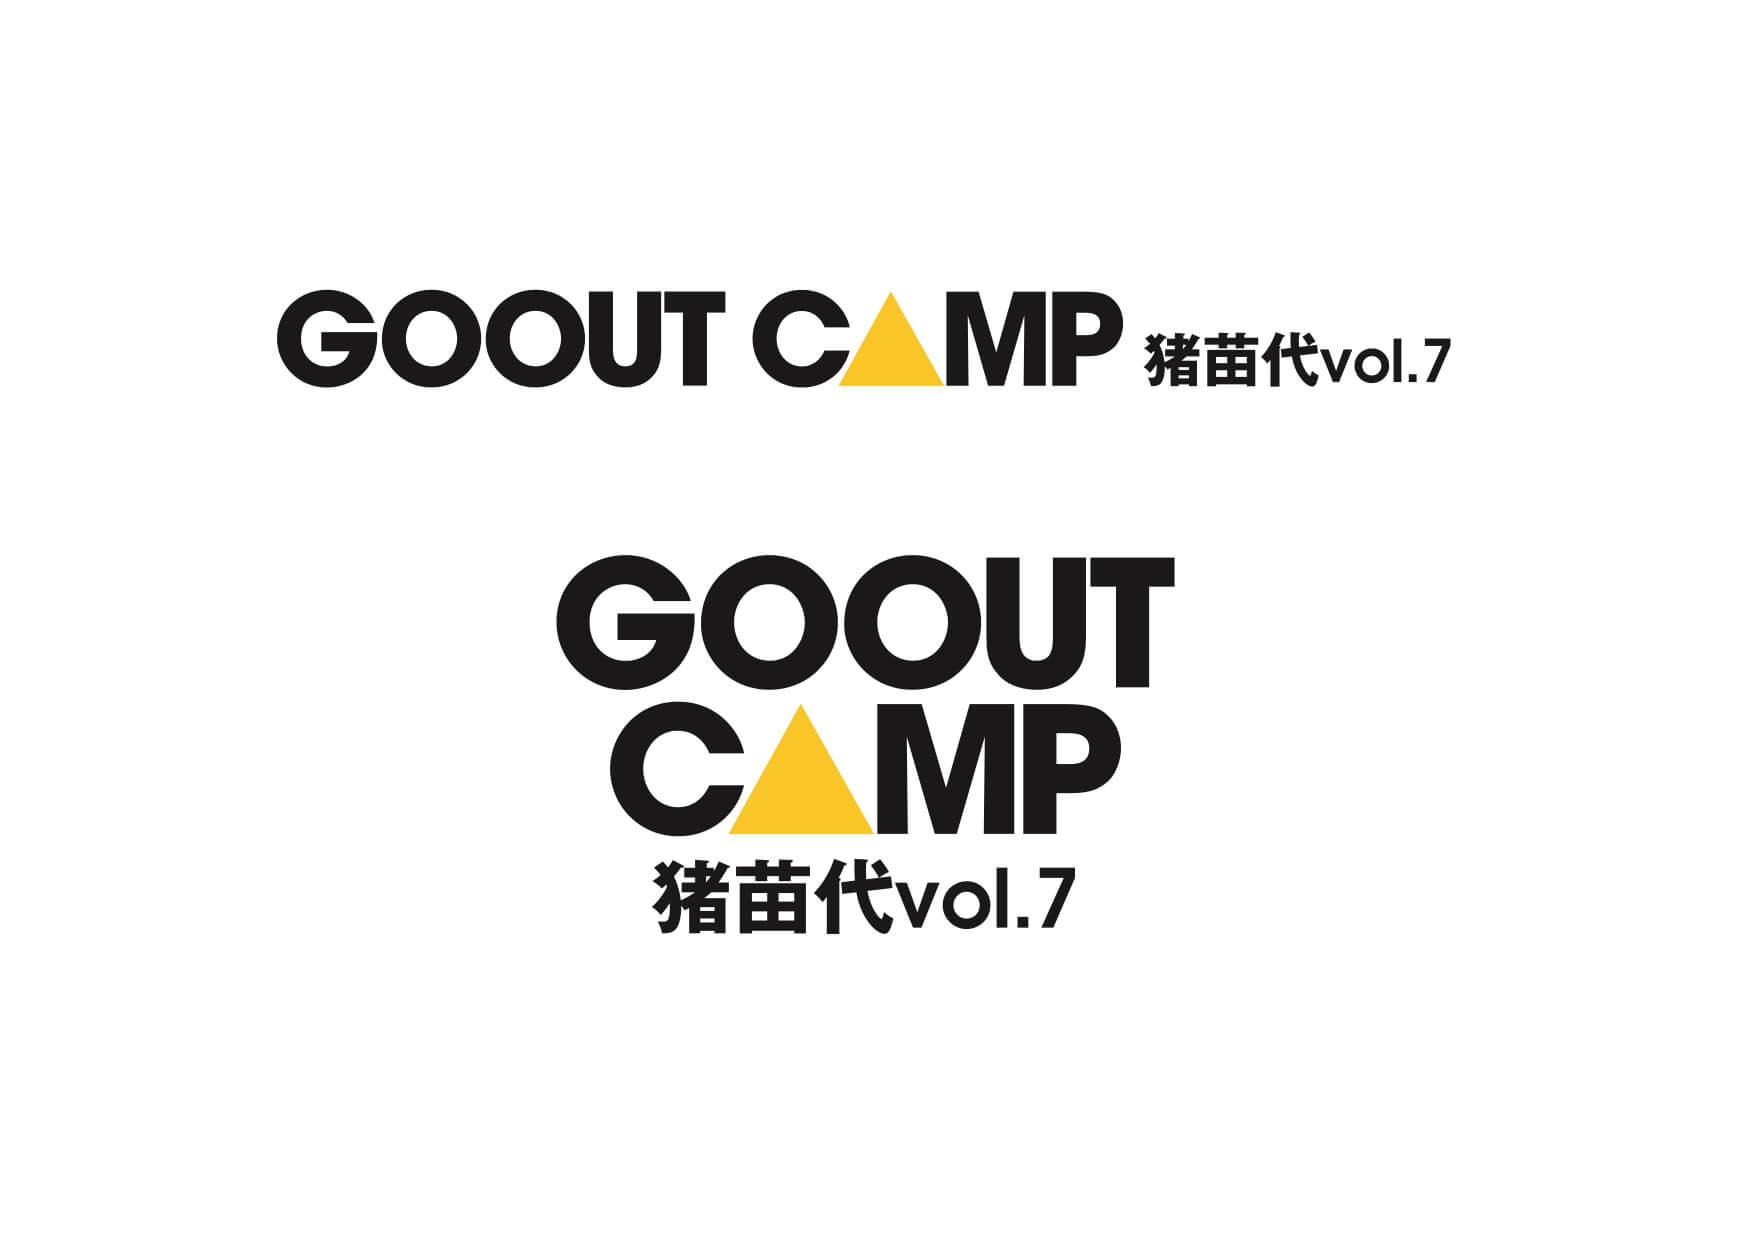 キャンプイベント<GO OUT CAMP 猪苗代 vol.7>に渡辺俊美 & THE ZOOT16、MIDORINOMARUら5組が出演決定!先行チケットも販売中 music210330_gooutcamp_2